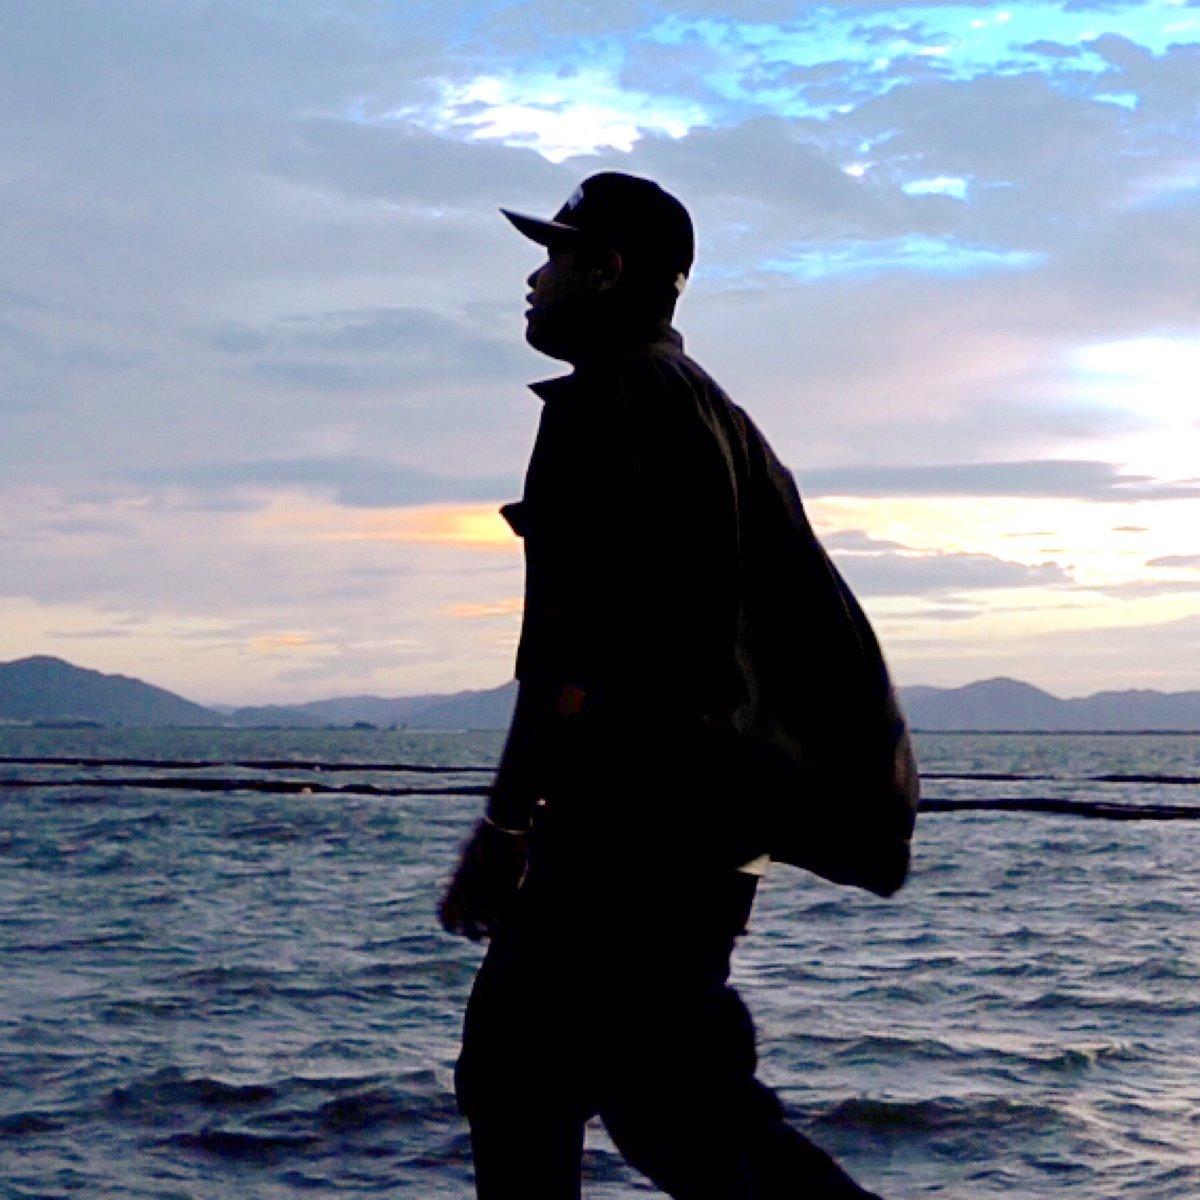 岡山の脱兎くん(@dac2344 )に楽曲提供しました!脱兎 - LIFE10/26(月)の18:00から配信開始となります!脱兎くんリリースおめでとう!